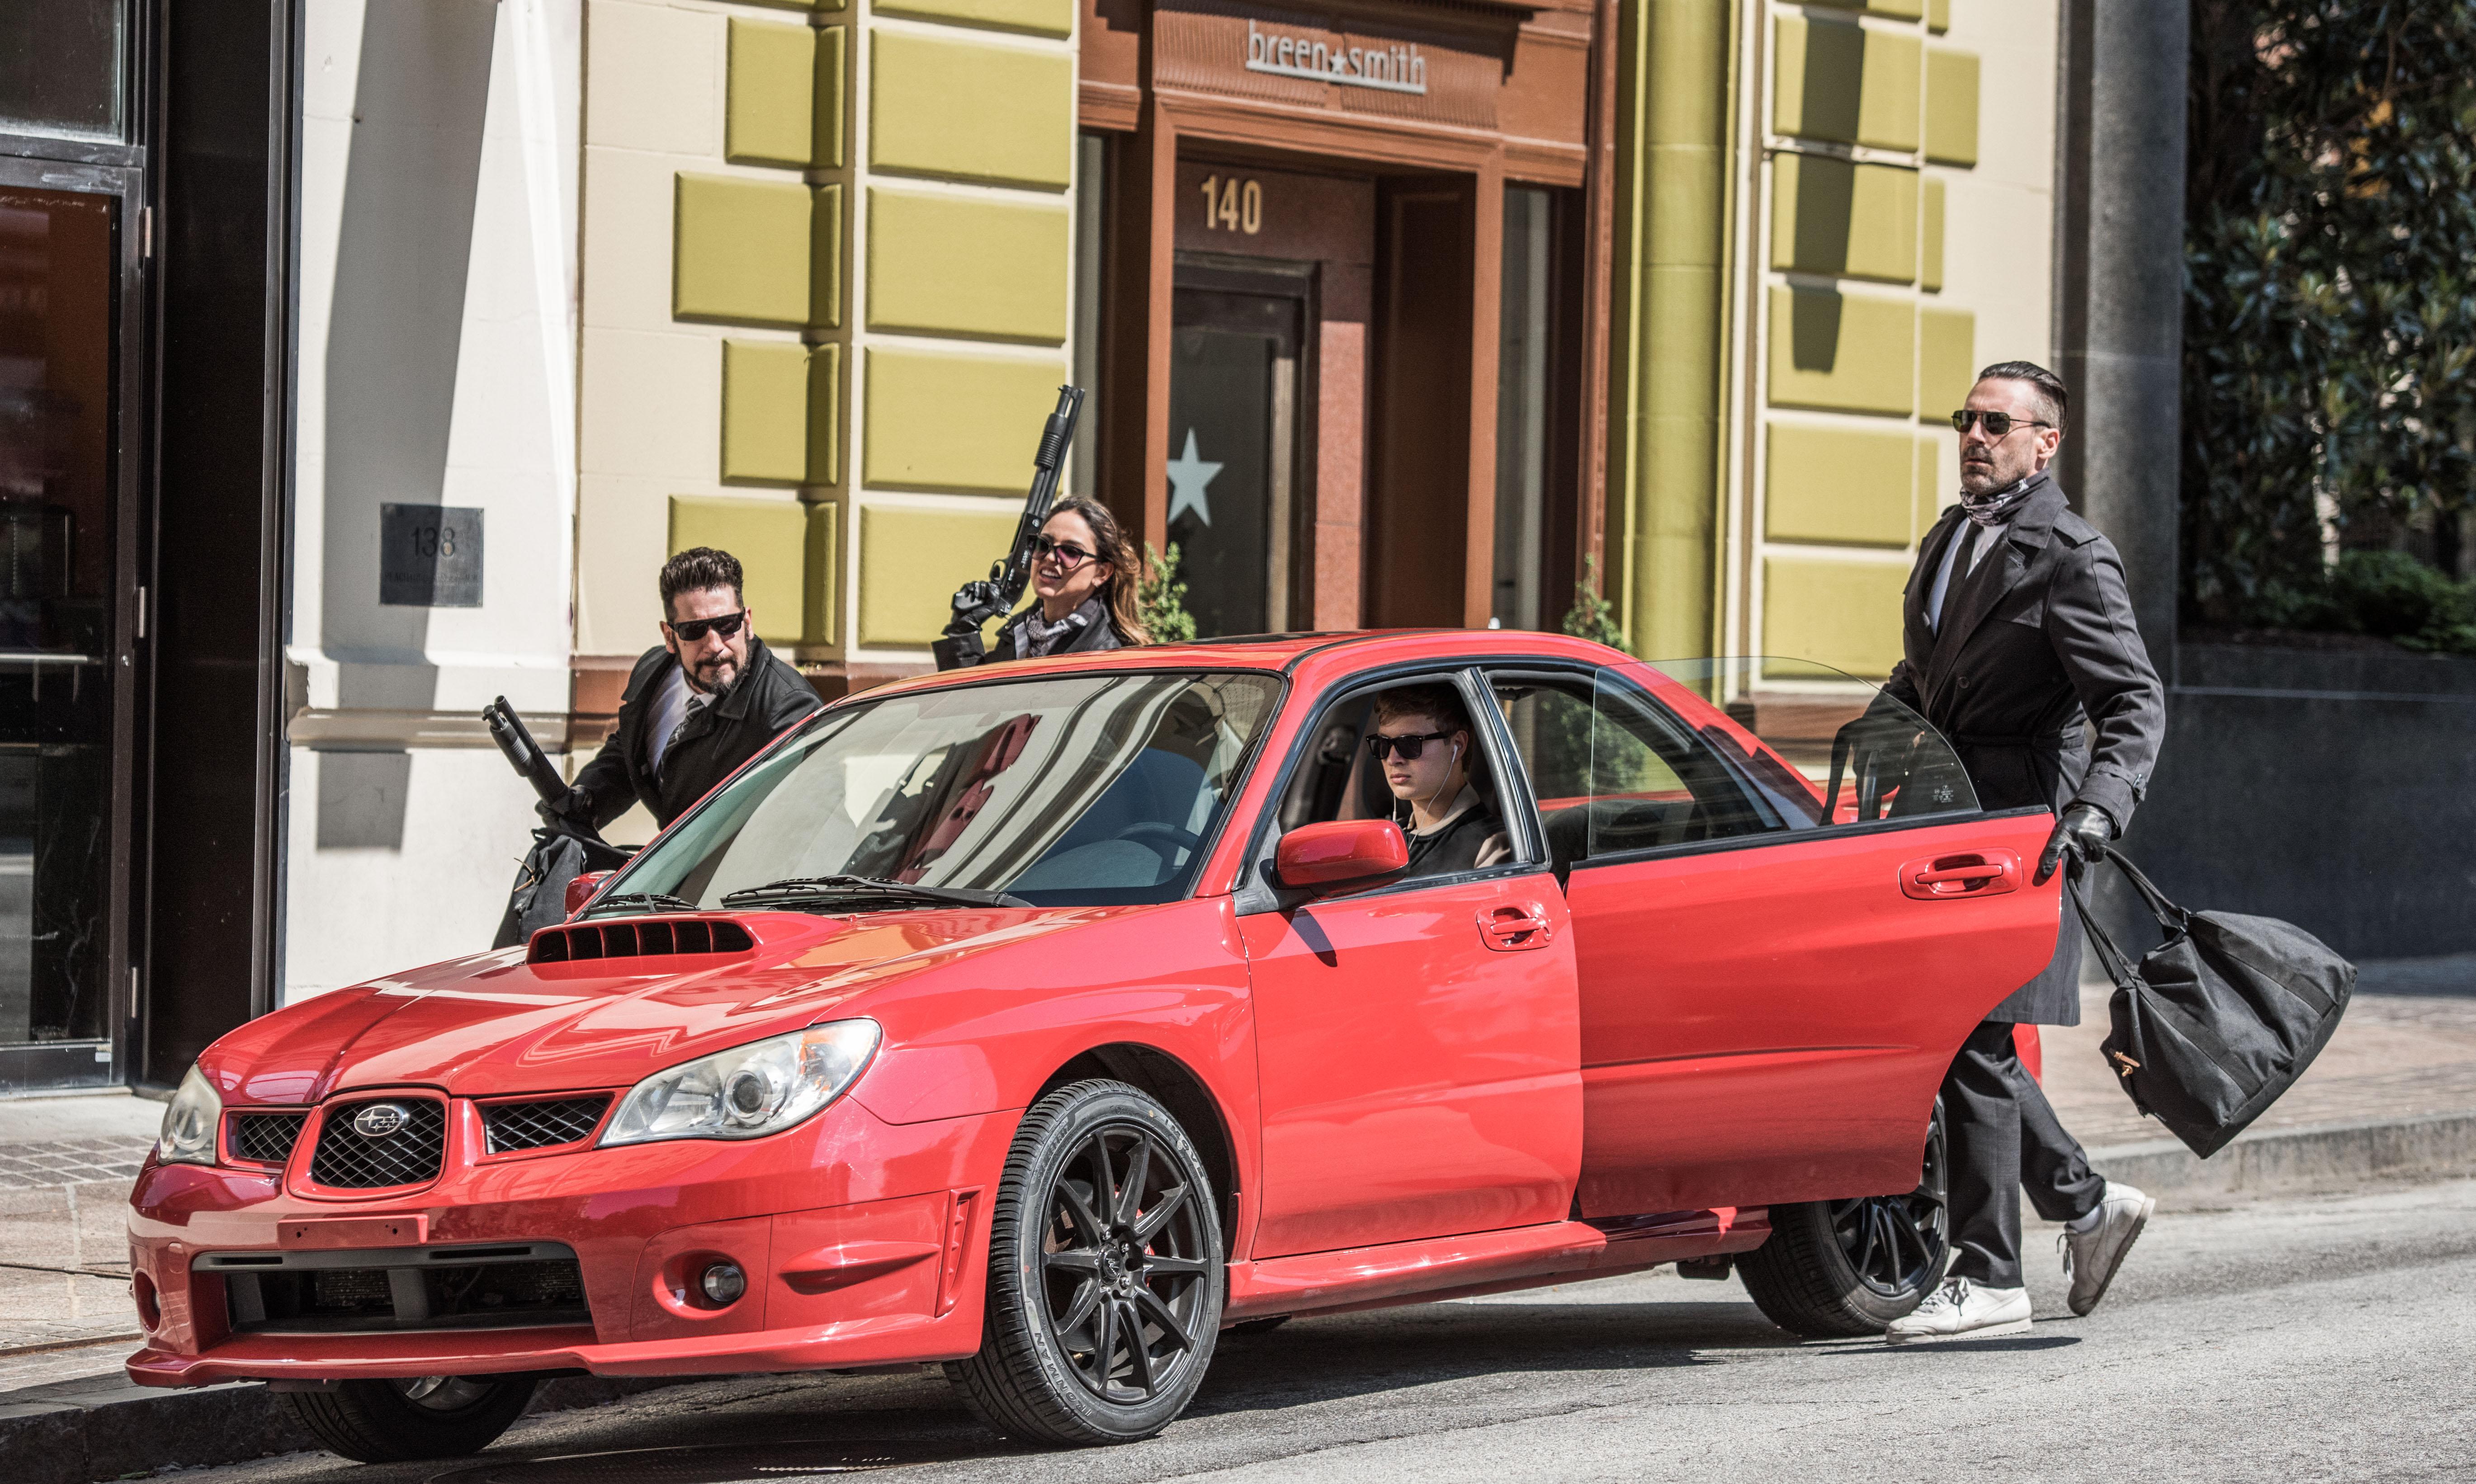 Photo du film Baby Driver avec Jon Bernthal, Eiza González, Ansel Elgort et Jon Hamm